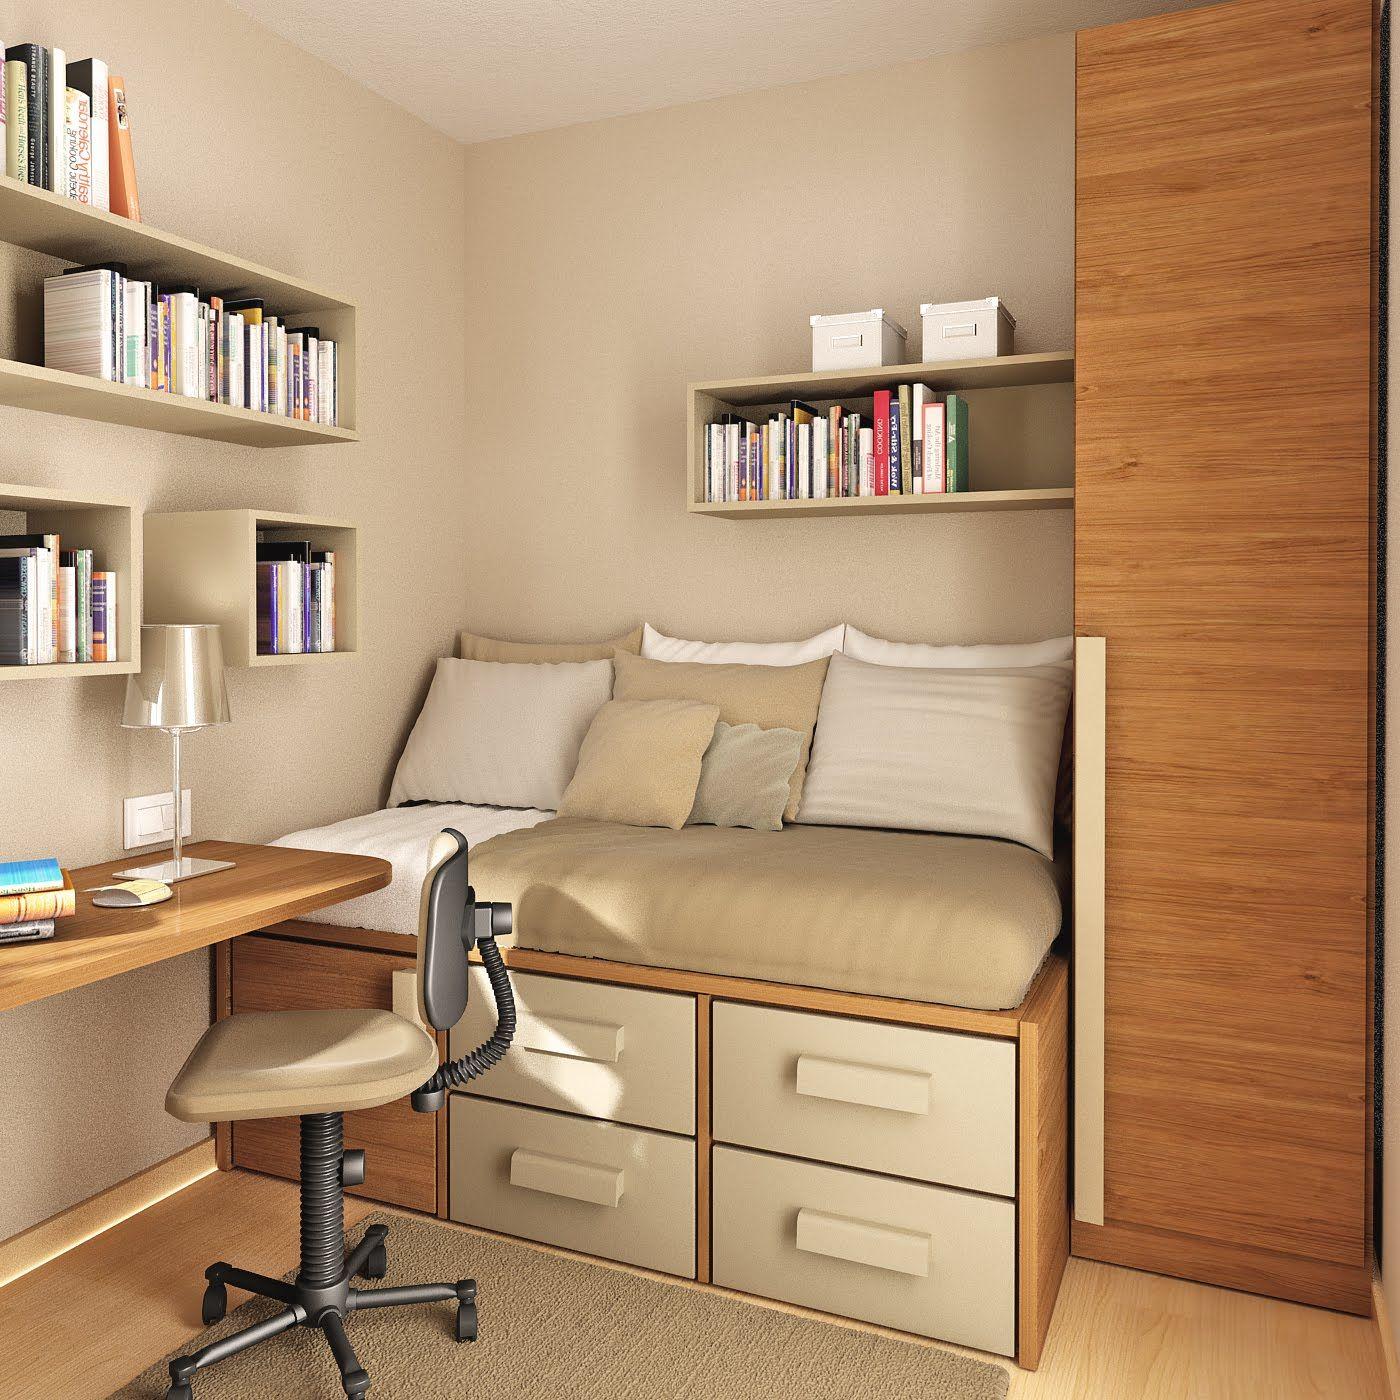 Built In Bed Sofa Bed Built In Drawer For Small Space Interior Apartment Desi Projeto Sala De Estudo Salas De Estudo Pequenas Decoracao Da Sala De Estudo